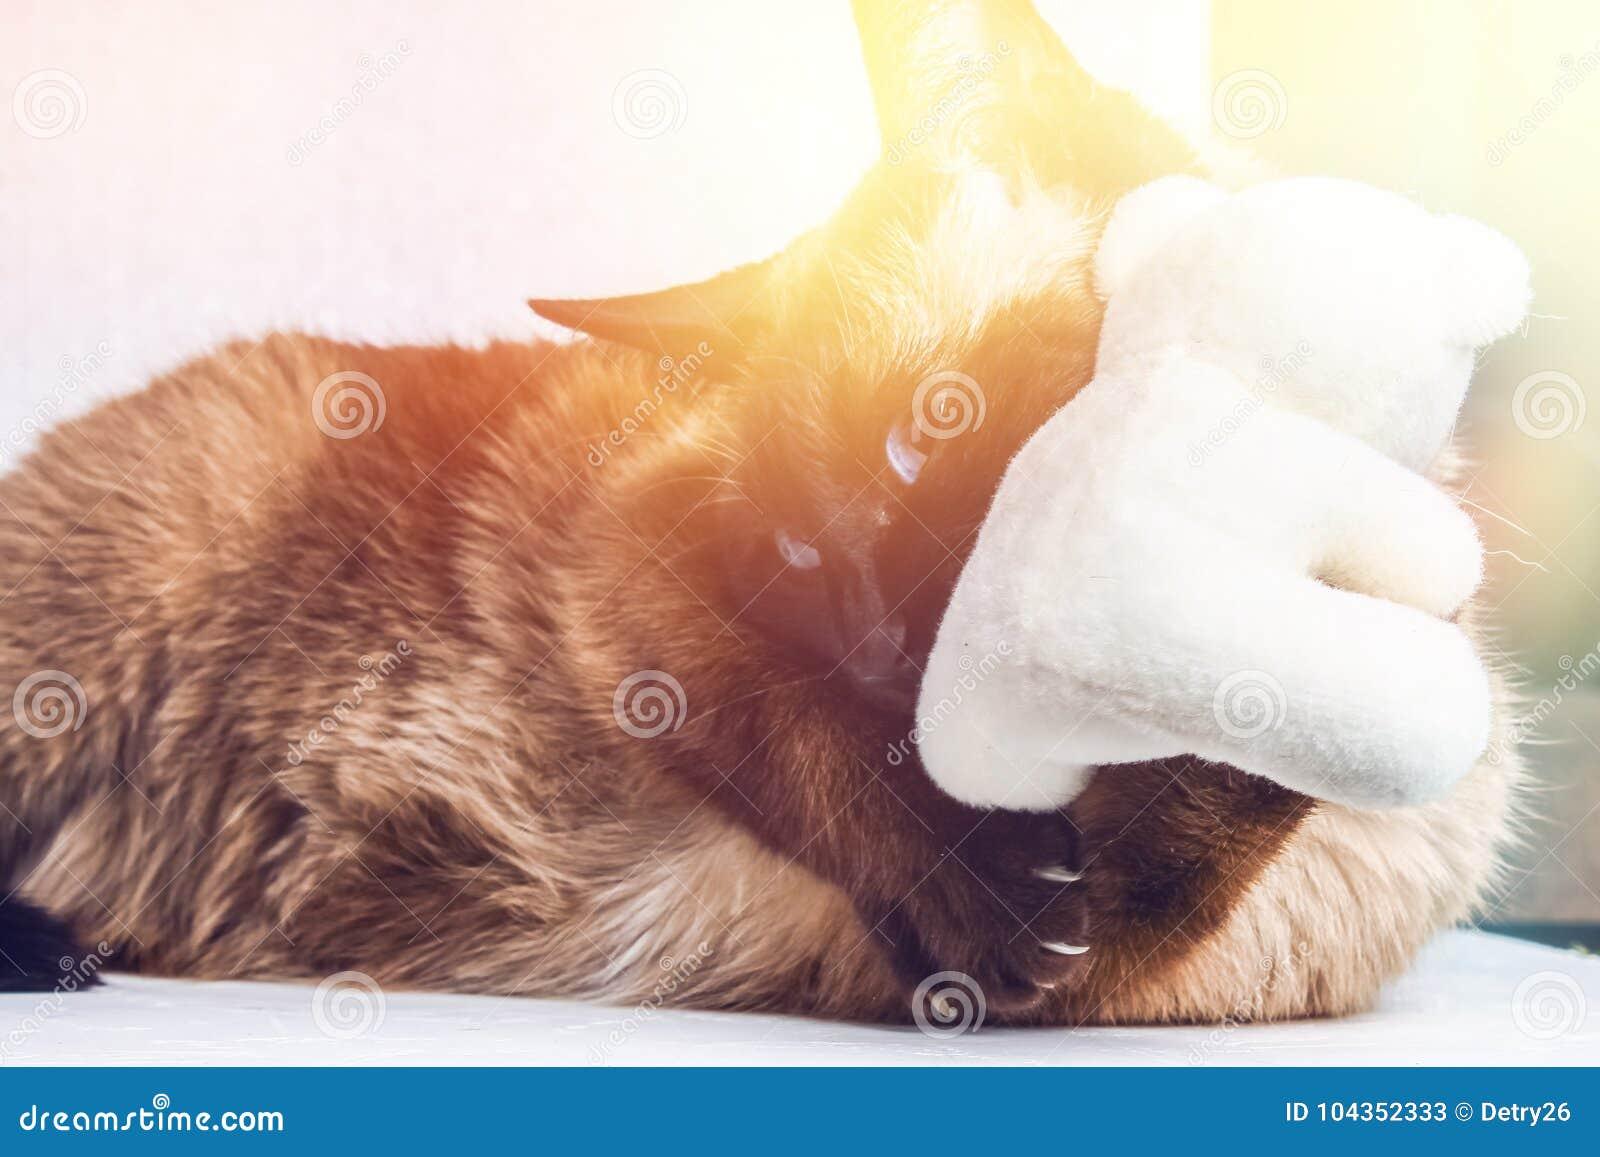 Siamese Thai Cat Plays With A Teddy Bear Claws Teeth Aggression